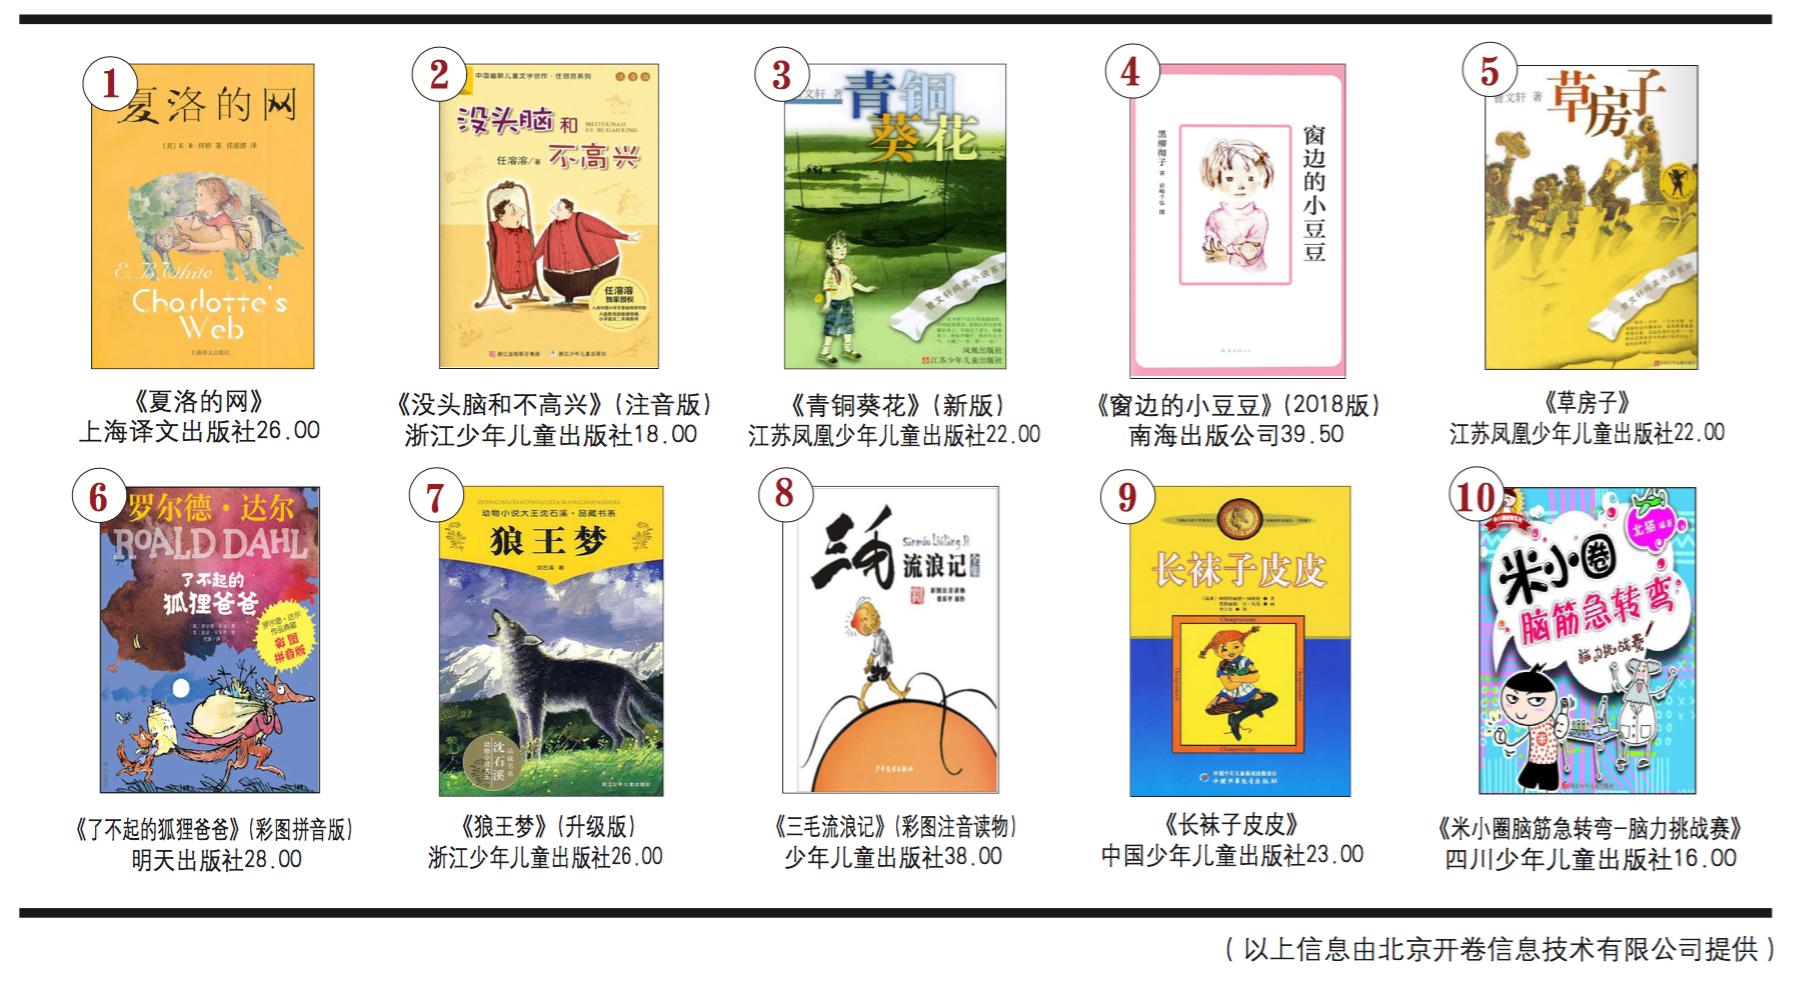 开卷少儿畅销书排行榜(2020年7月)-出版人杂志官网